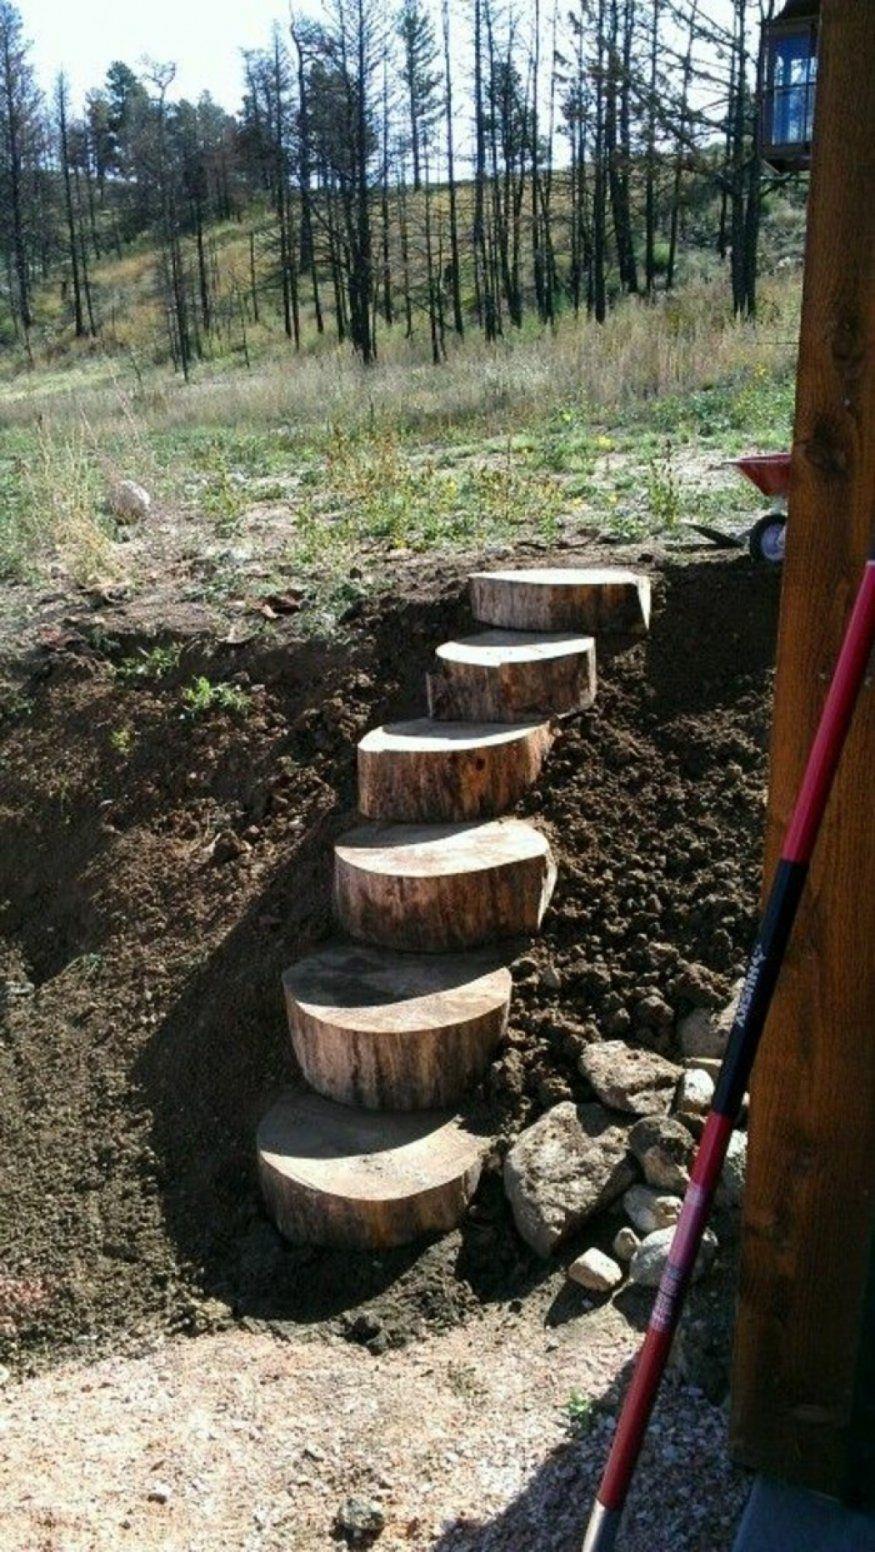 Ehrfurcht Gebietend Gartentreppe Bauen Holz Gartentreppe Holz Selber von Gartentreppe Selber Bauen Anleitung Bild